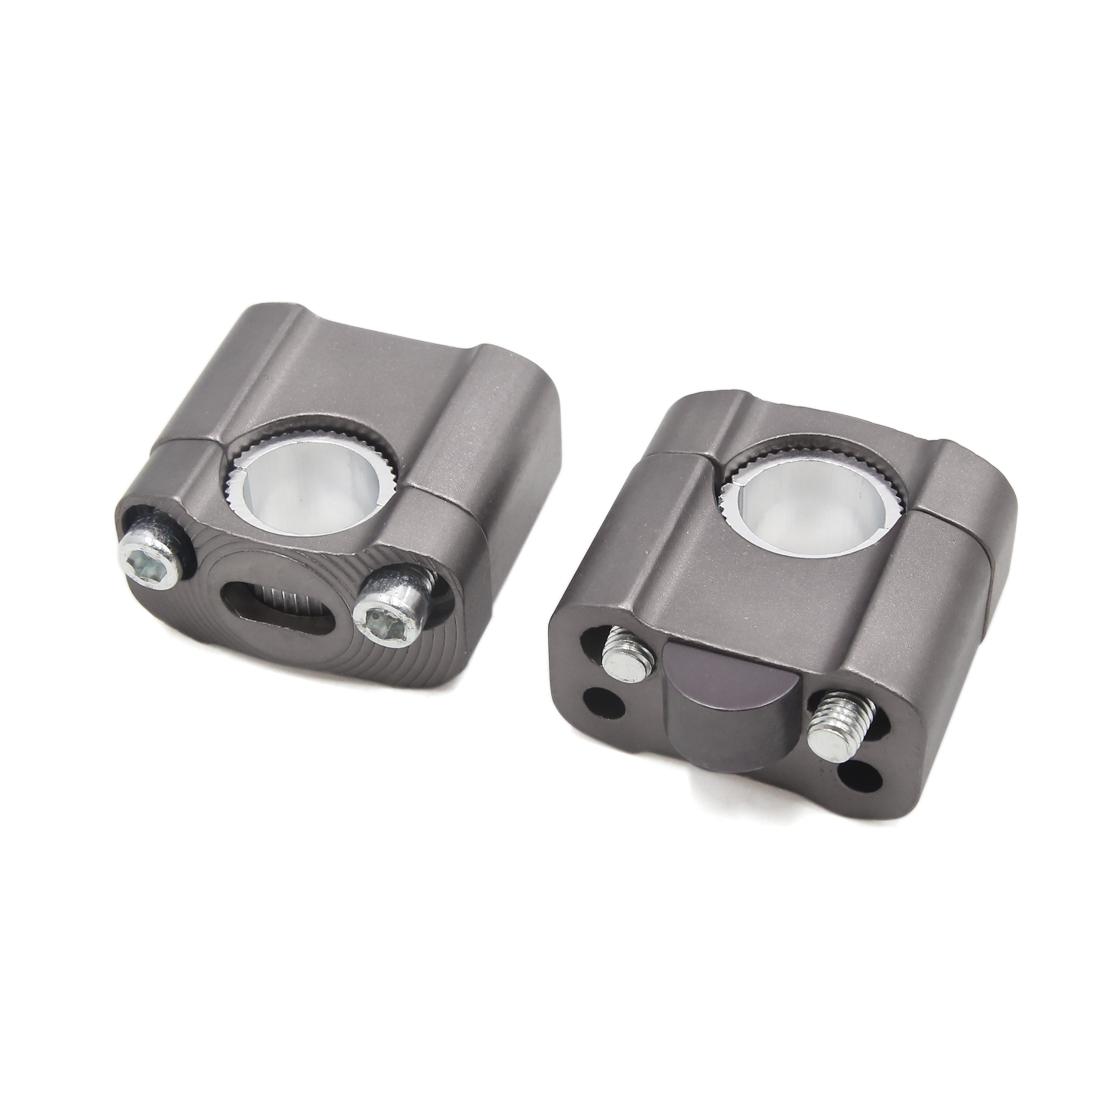 2Pcs Universal Titanium 22mm Handlebar Bar Riser Clamp Adaptor for Motorcycle